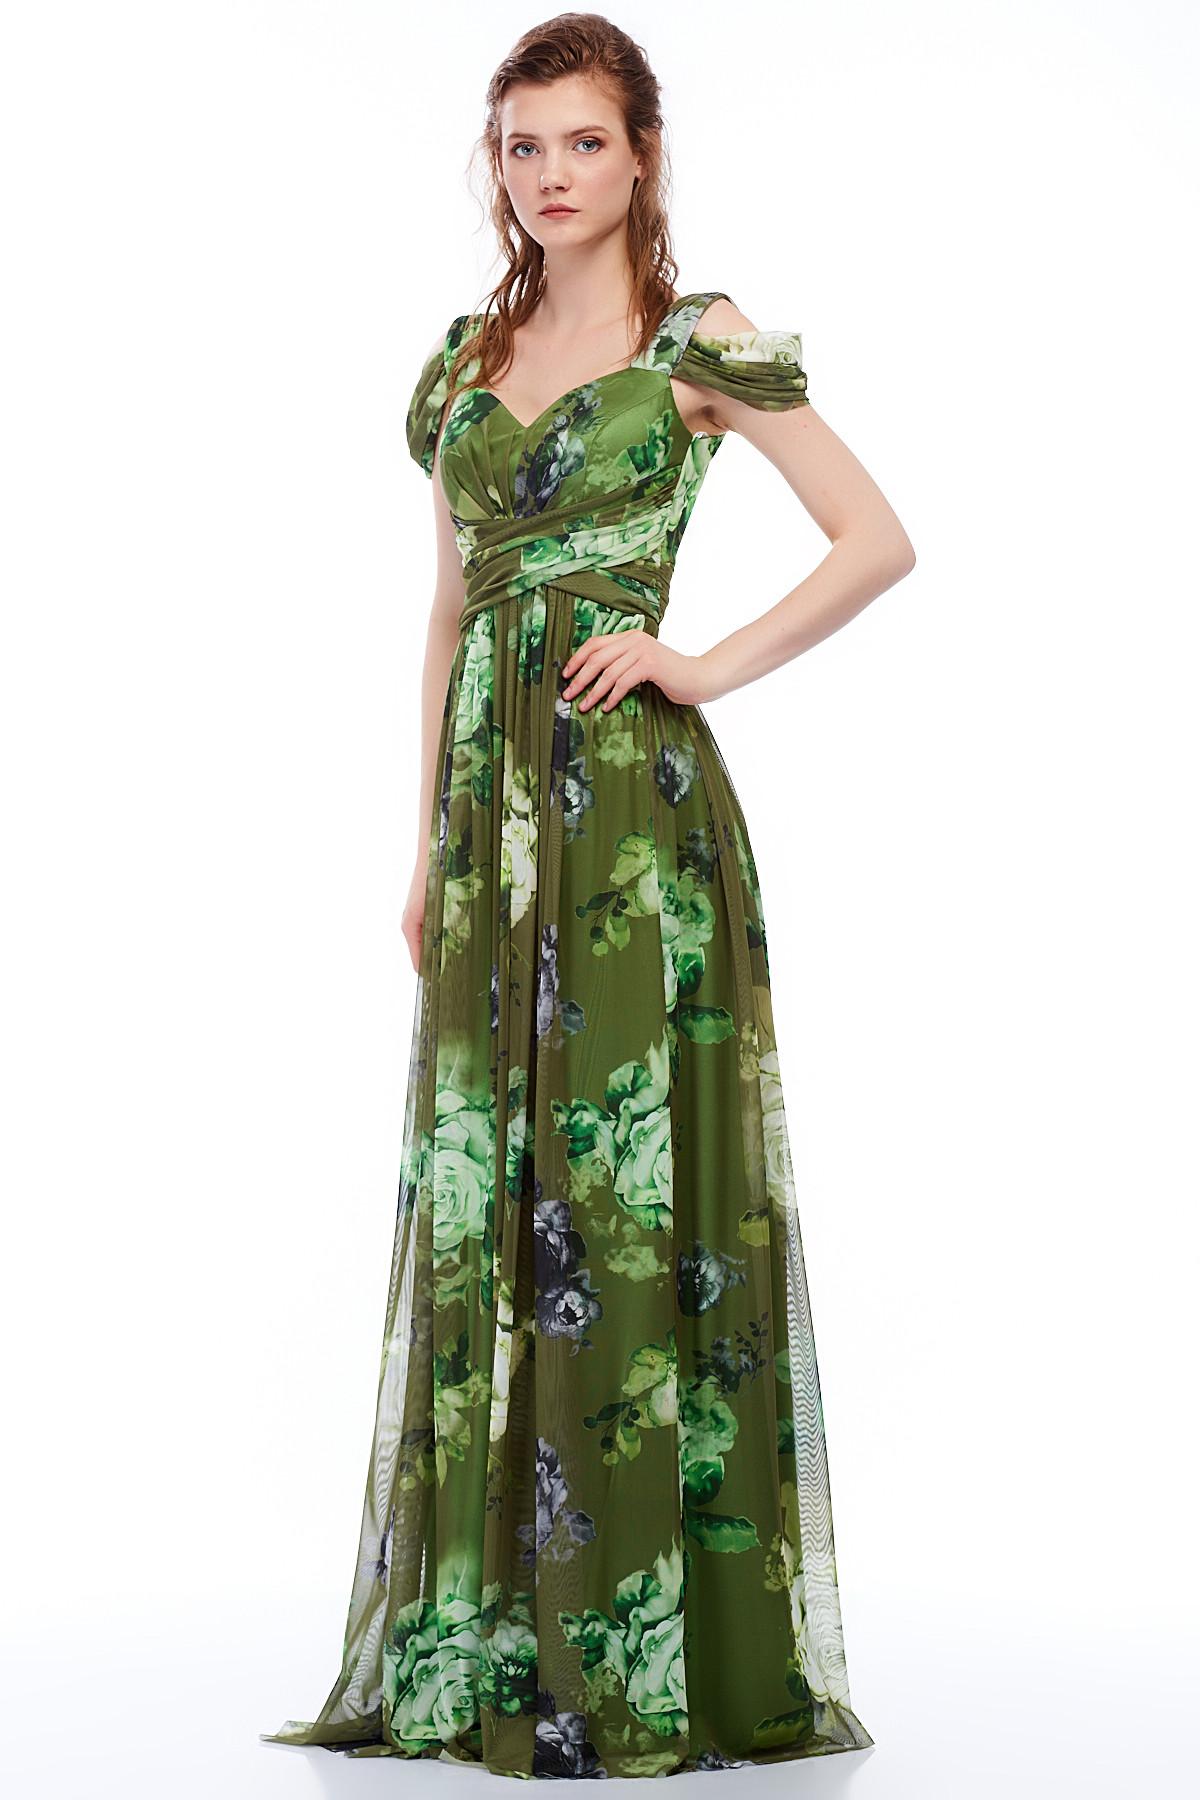 469b33c48730c MAXXE Kadın Yeşil Desenli Tül Abiye Elbise 4414FD - Glami.com.tr